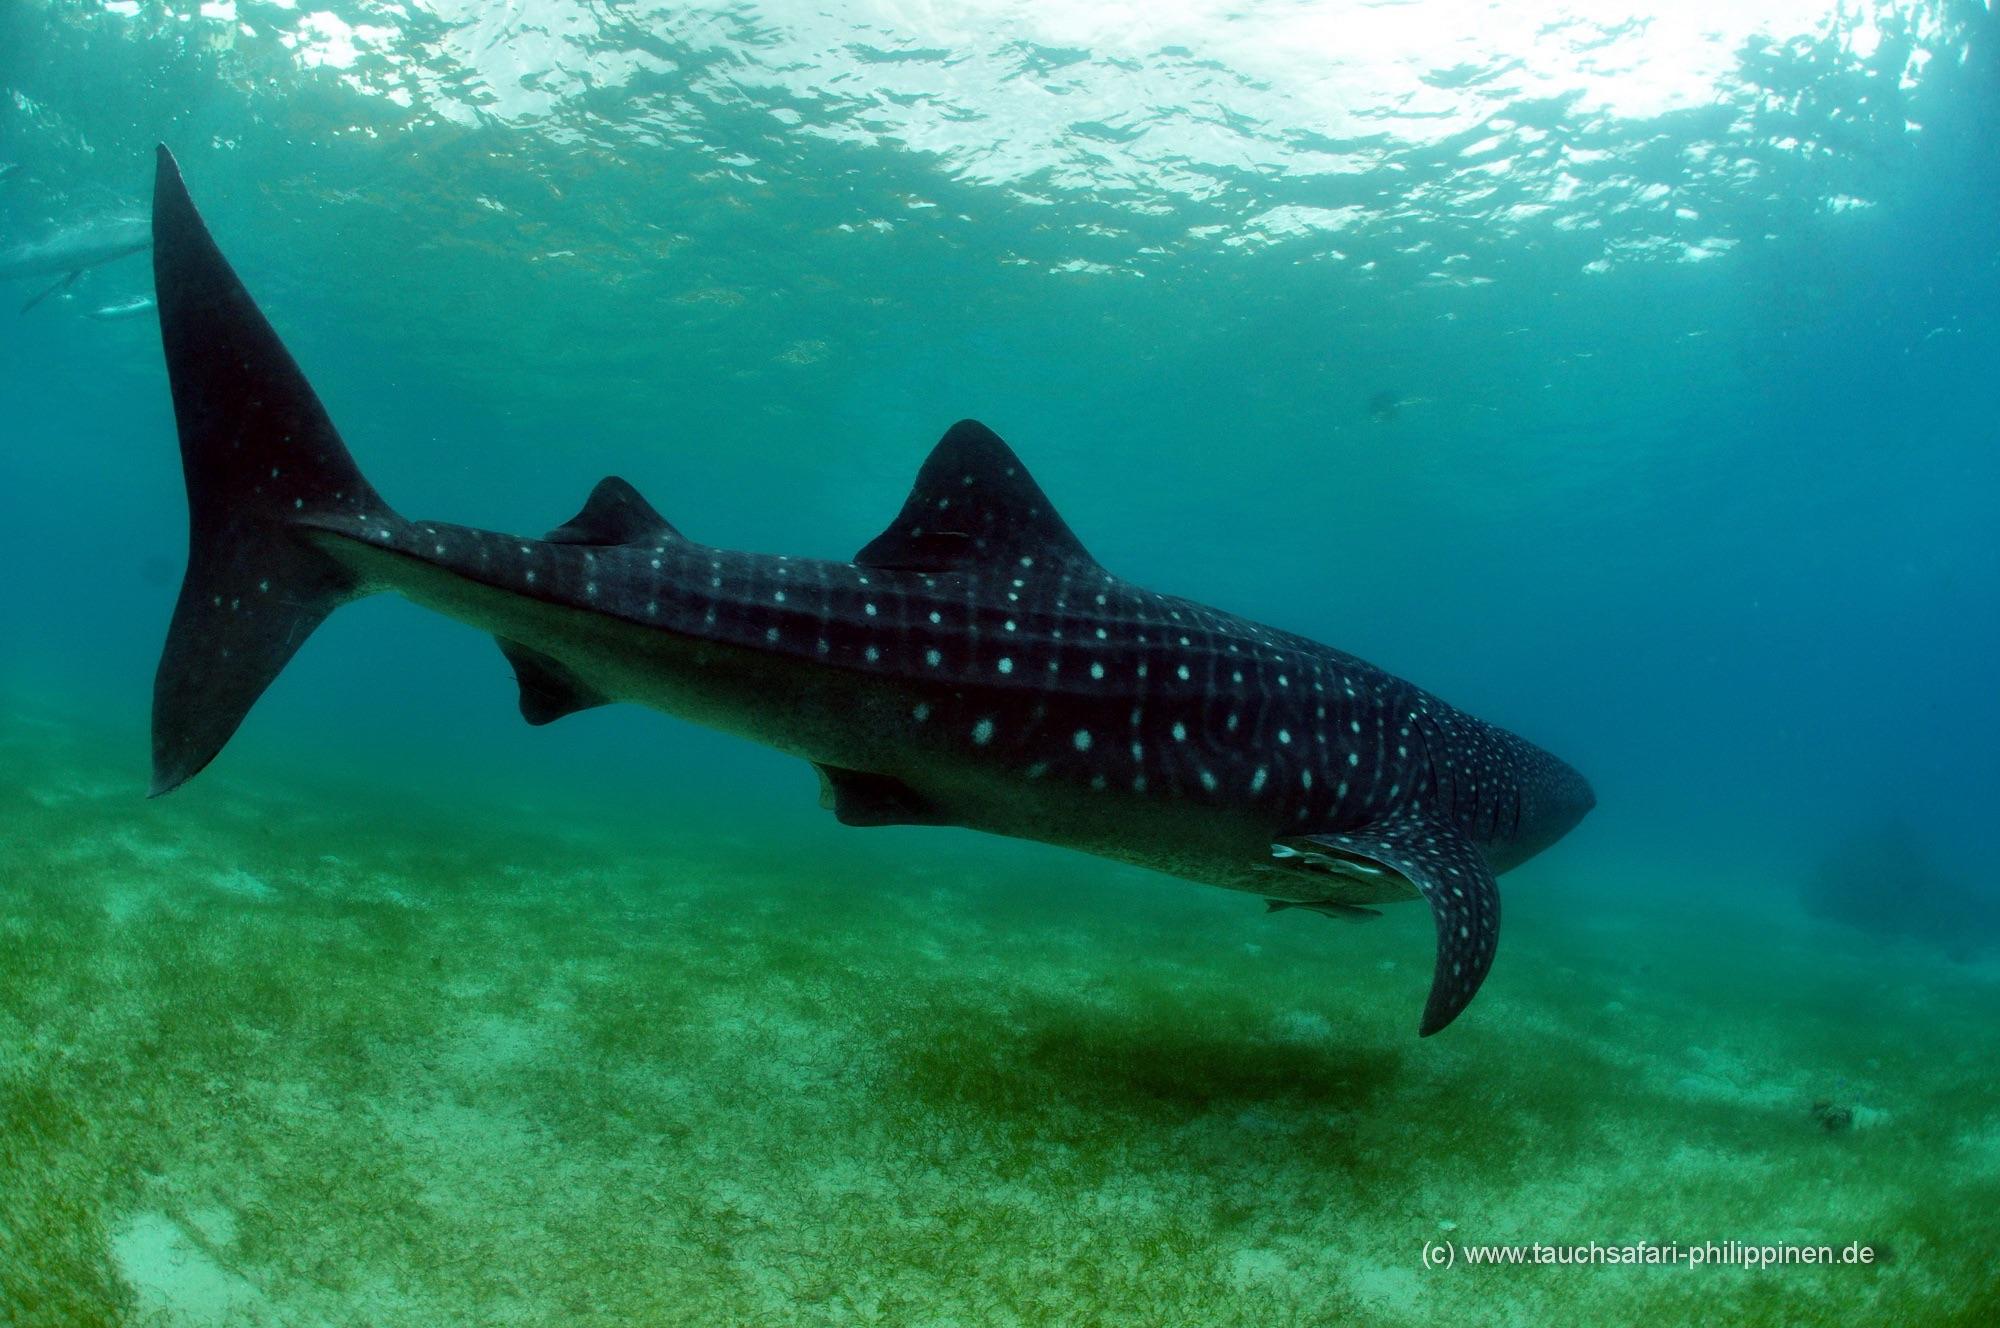 Vous aurez la chance de plonger avec le requin baleine. Une expérience inoubliable.